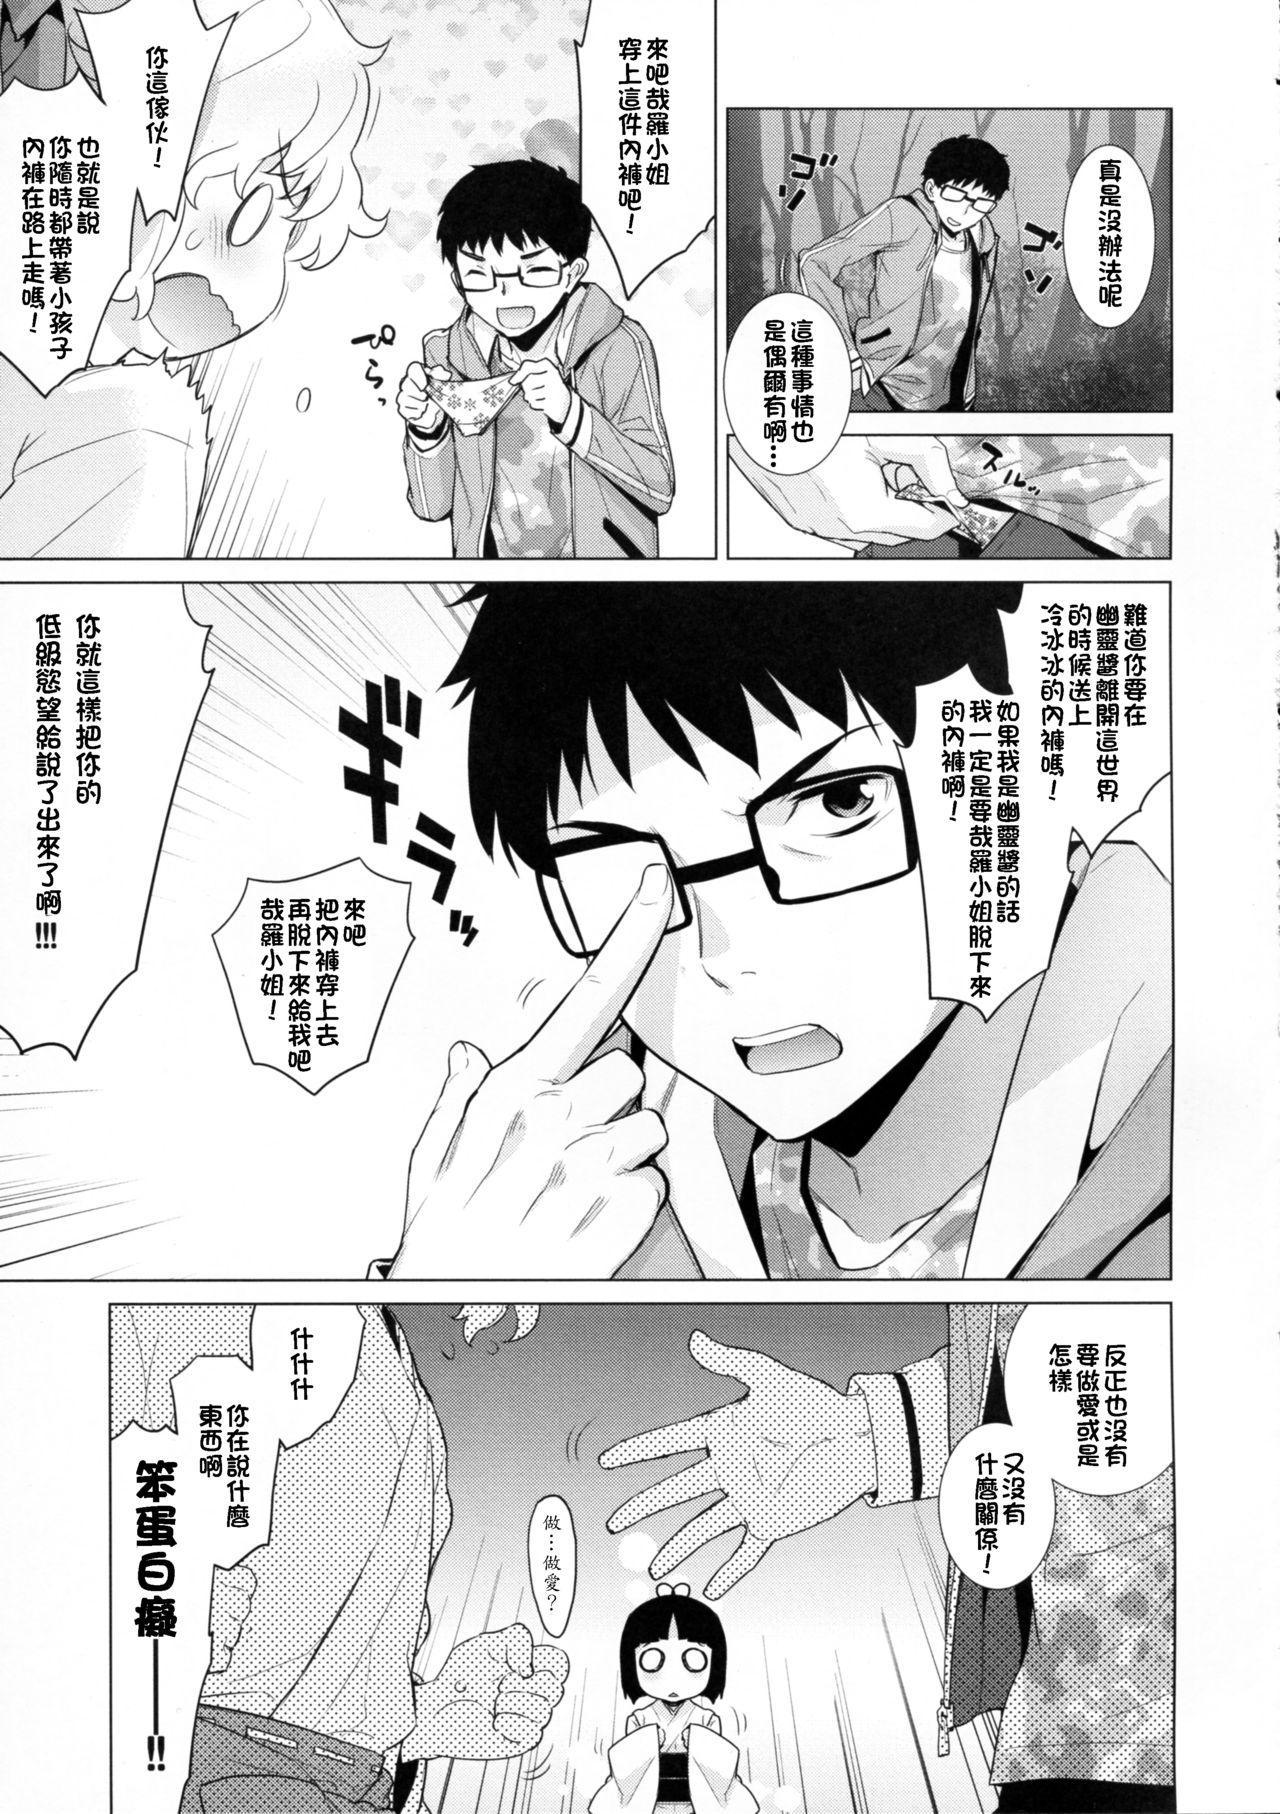 Kanara-sama no Nichijou Kyuu 10